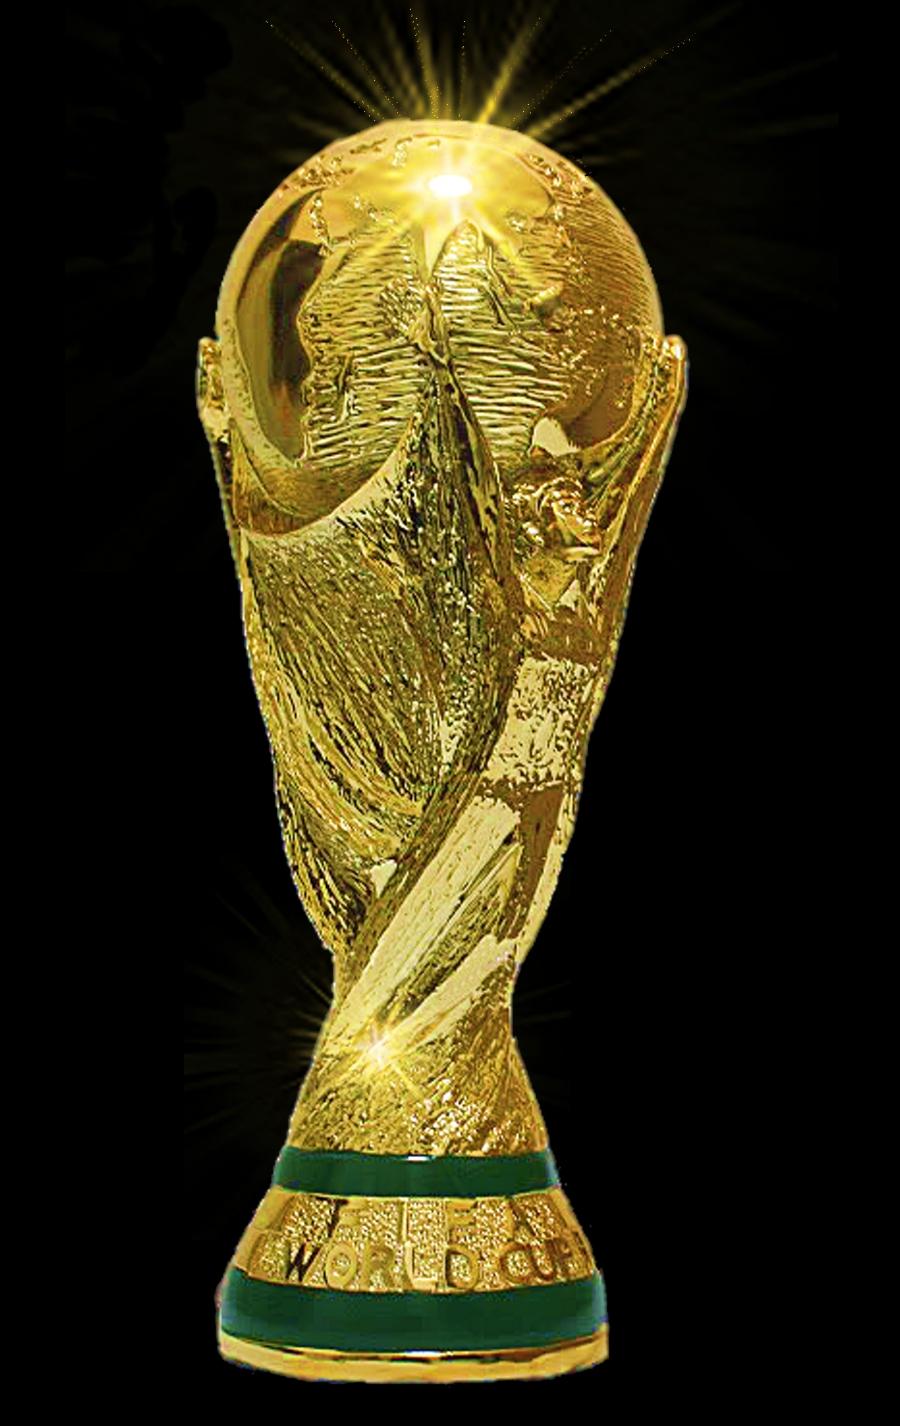 Découvrez l'artiste qui a dessiné le trophée de la Coupe du monde